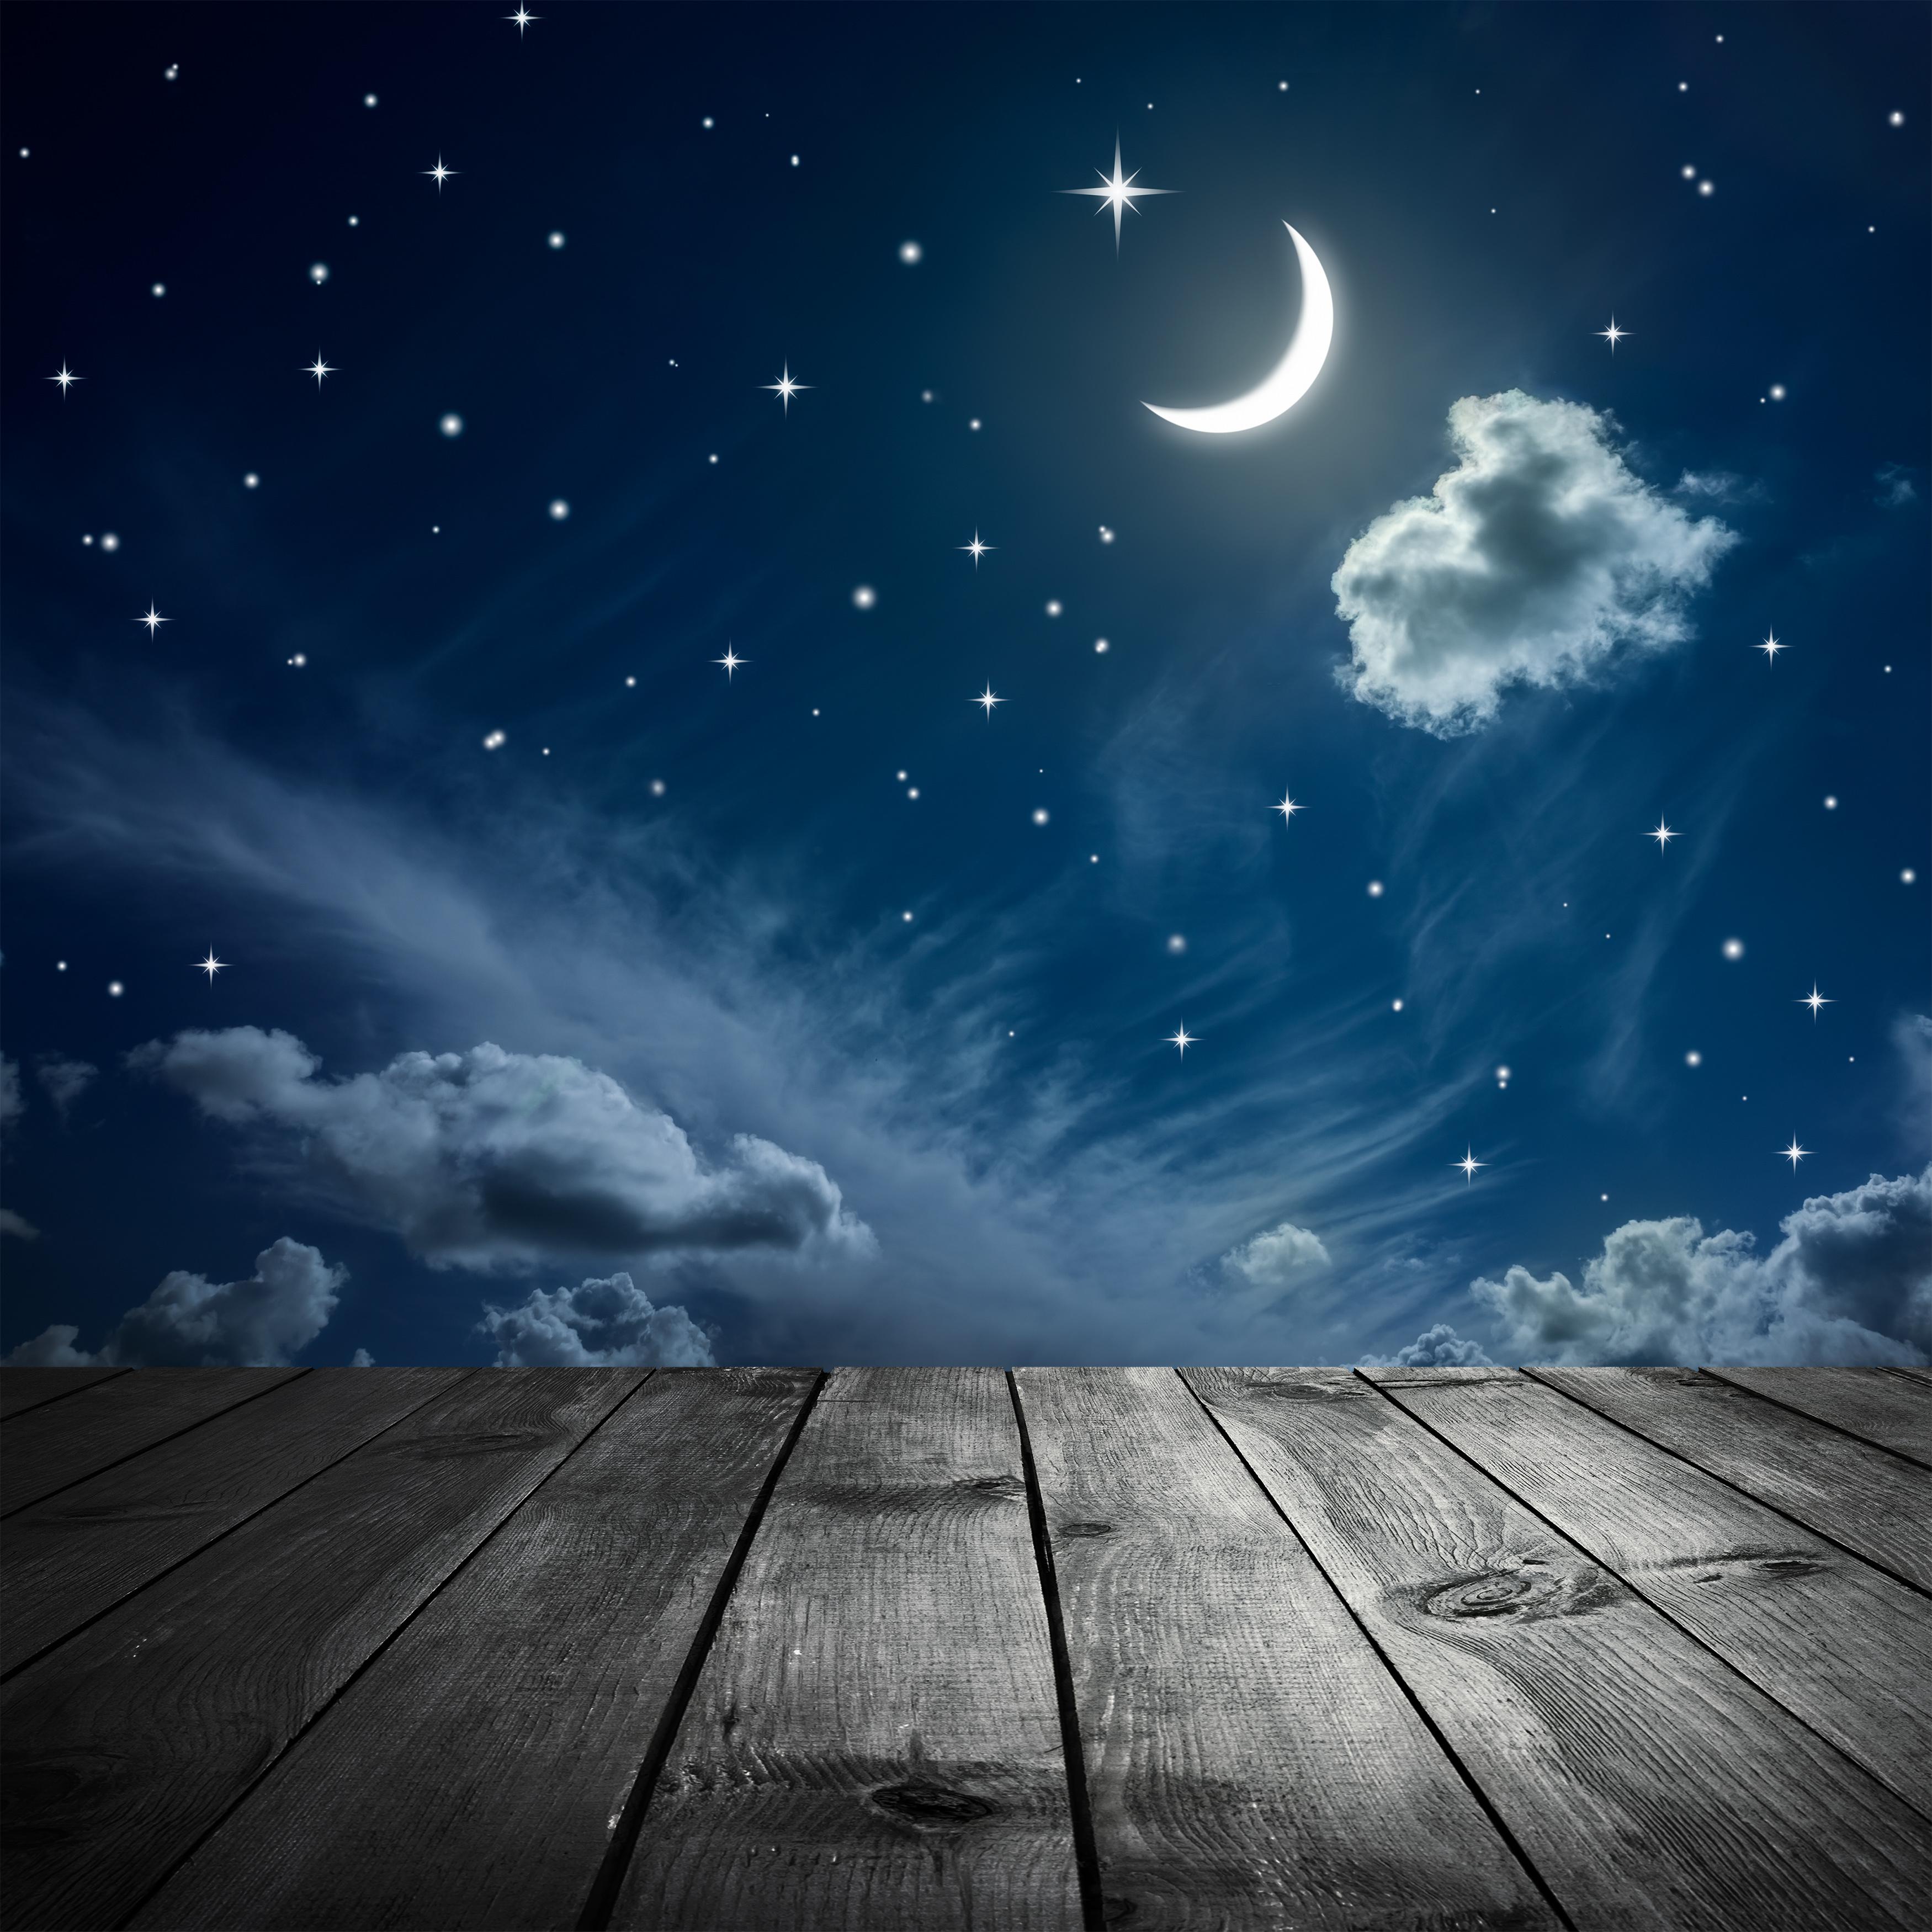 sky beautiful scenery wood hd photo  board  night  view